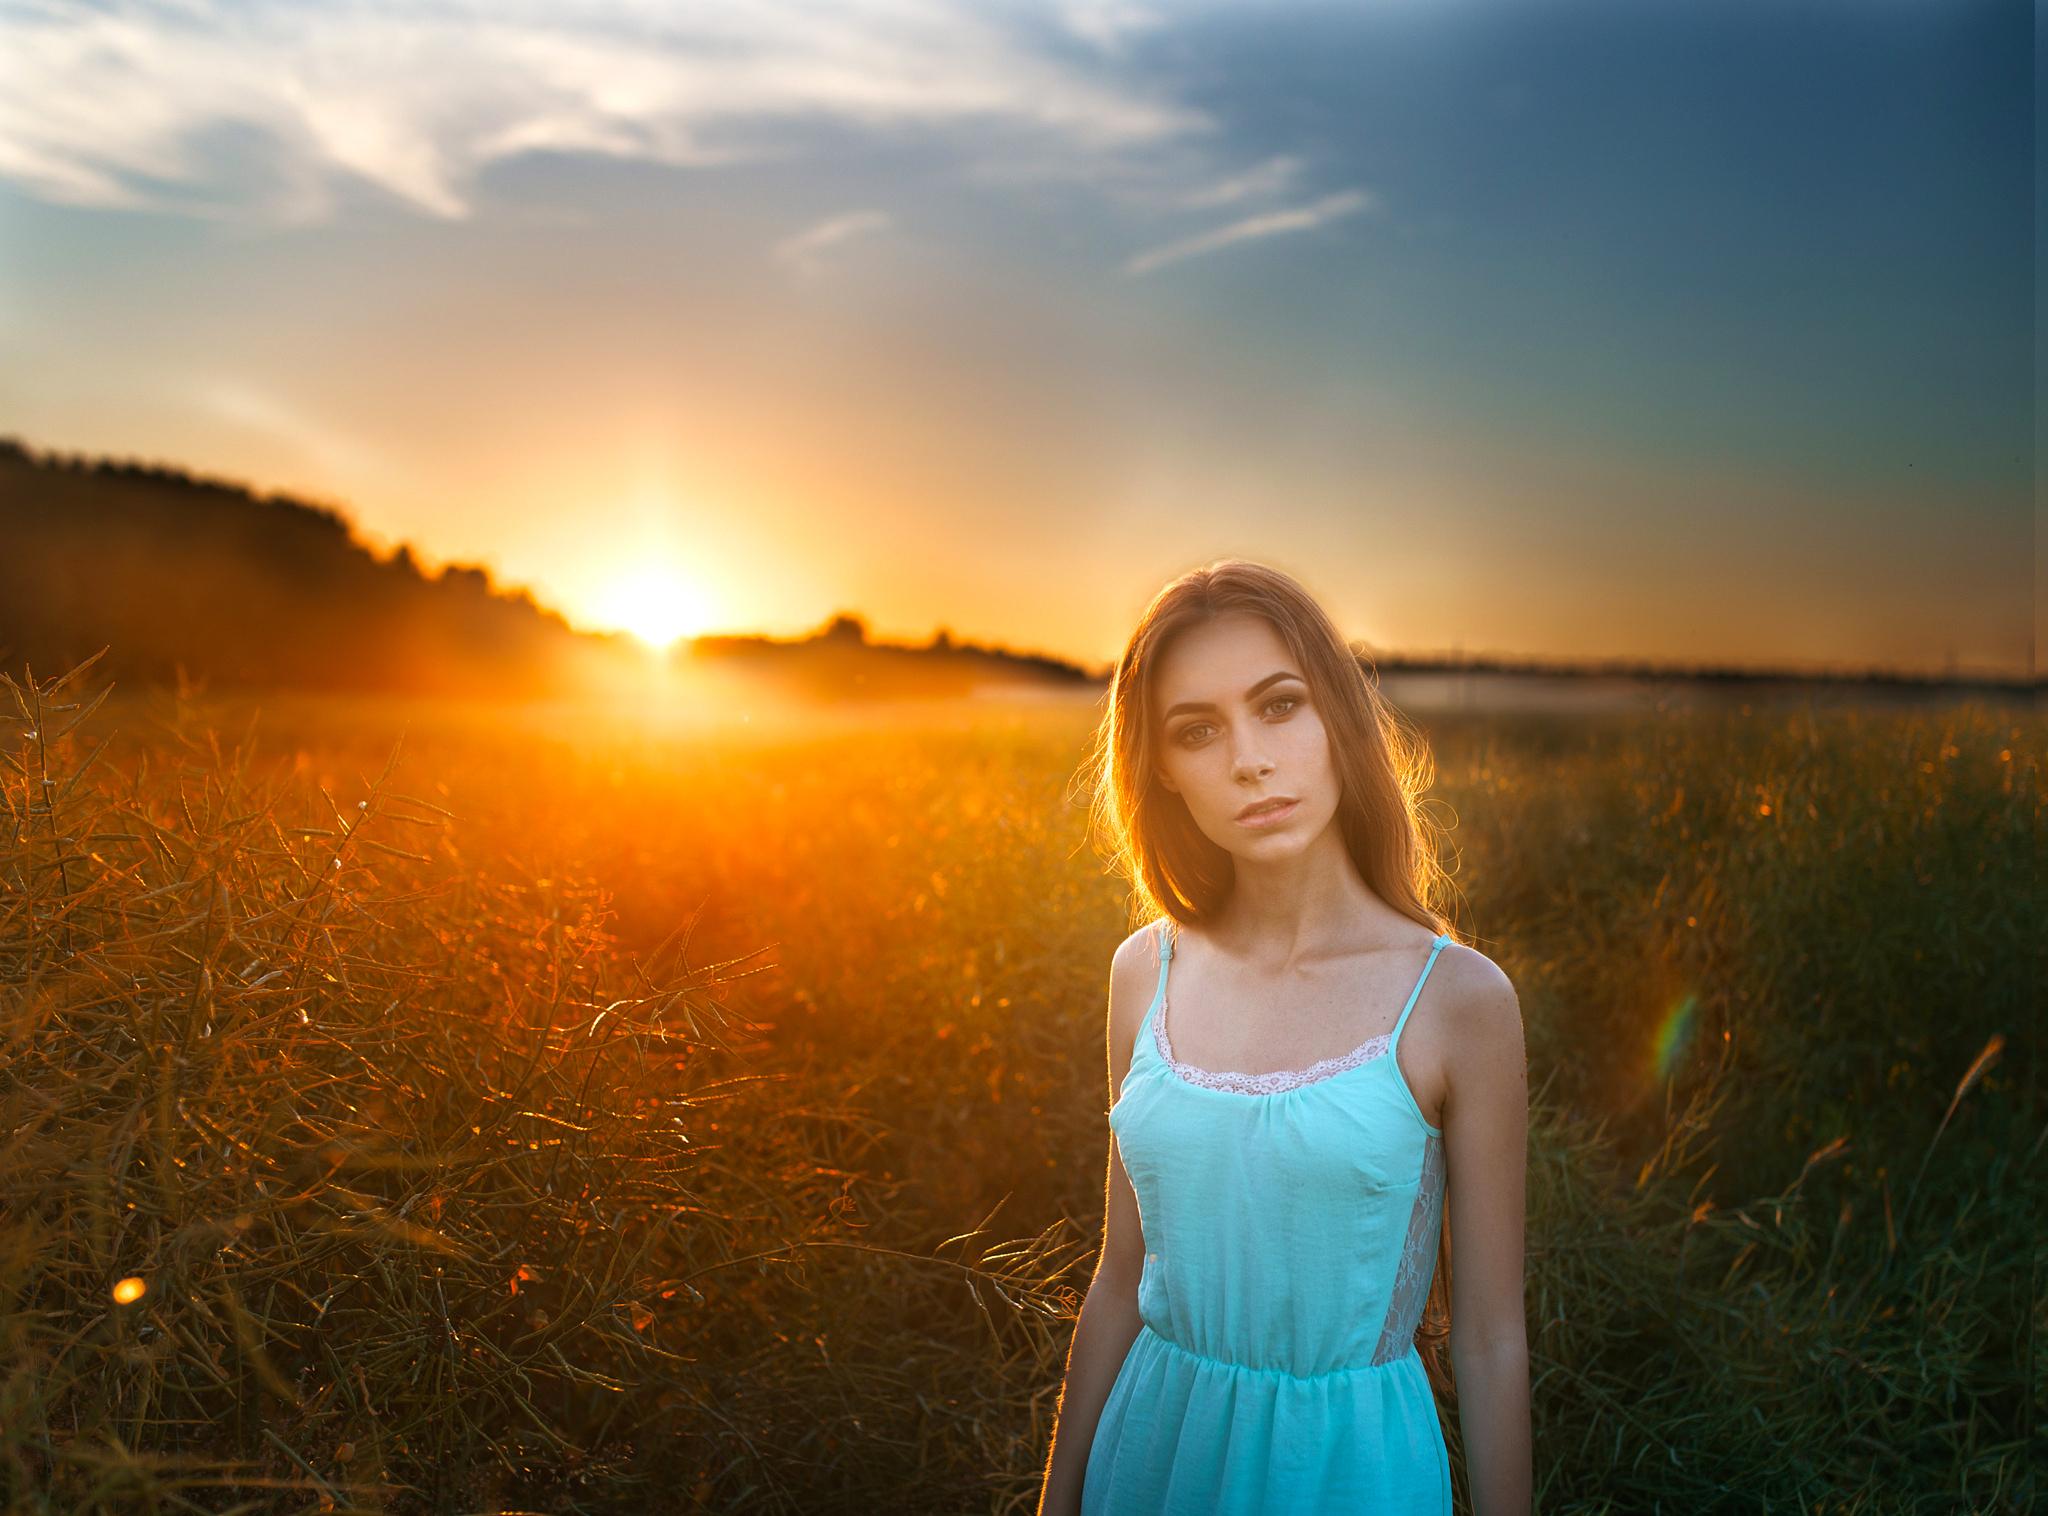 Закат природы девушки картинки